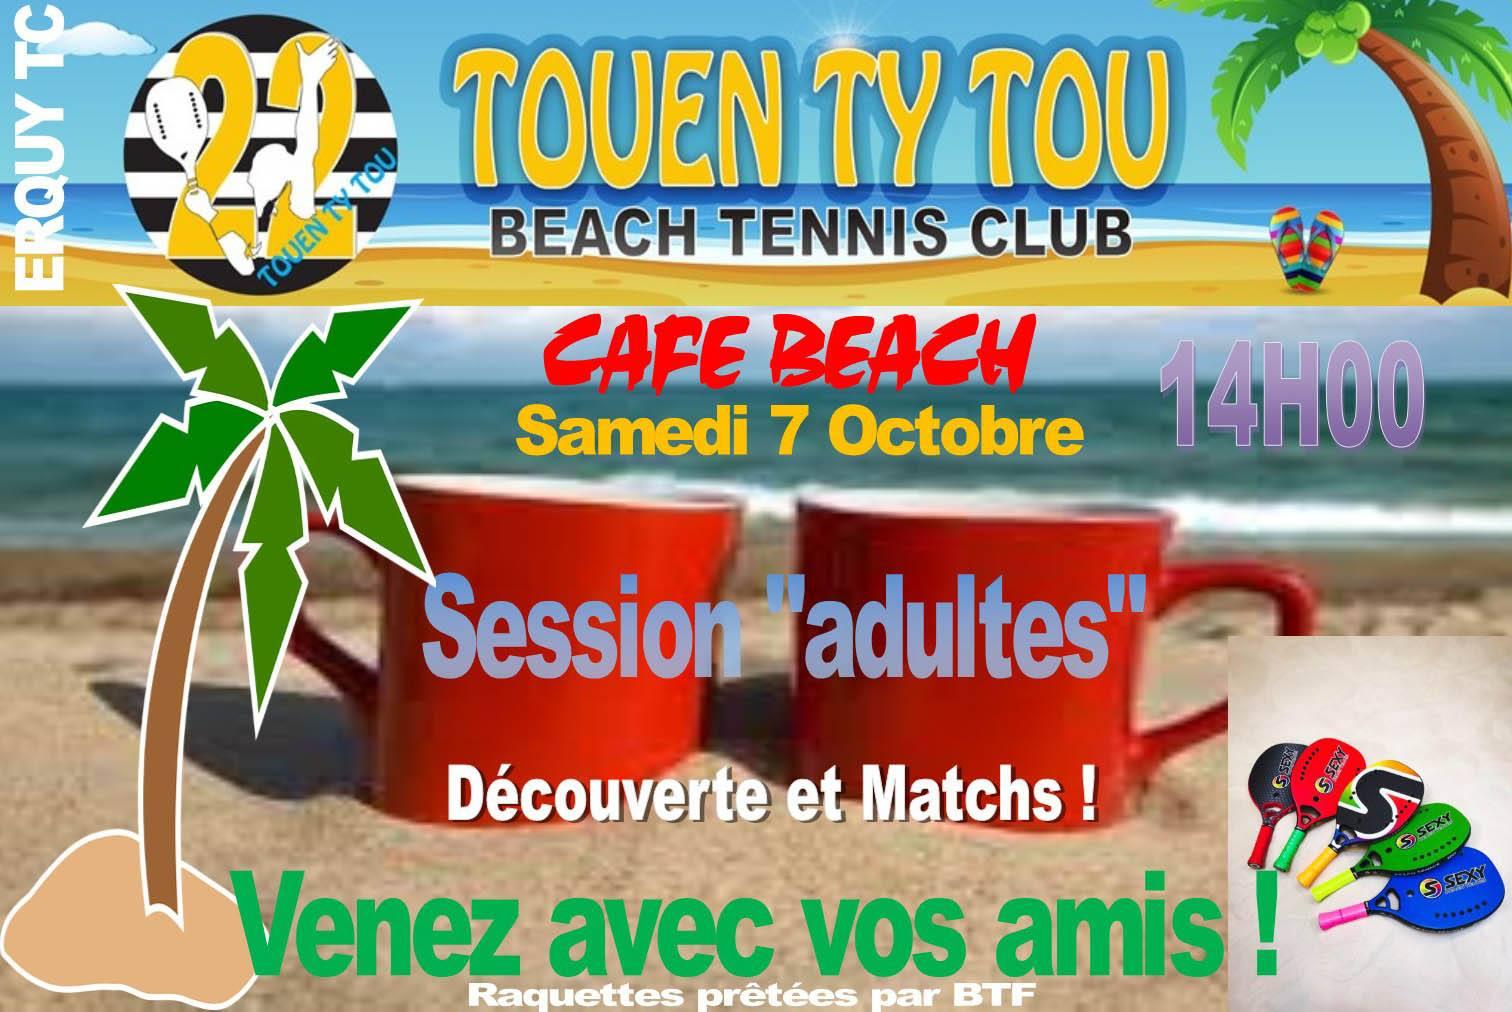 BeachTennis Café